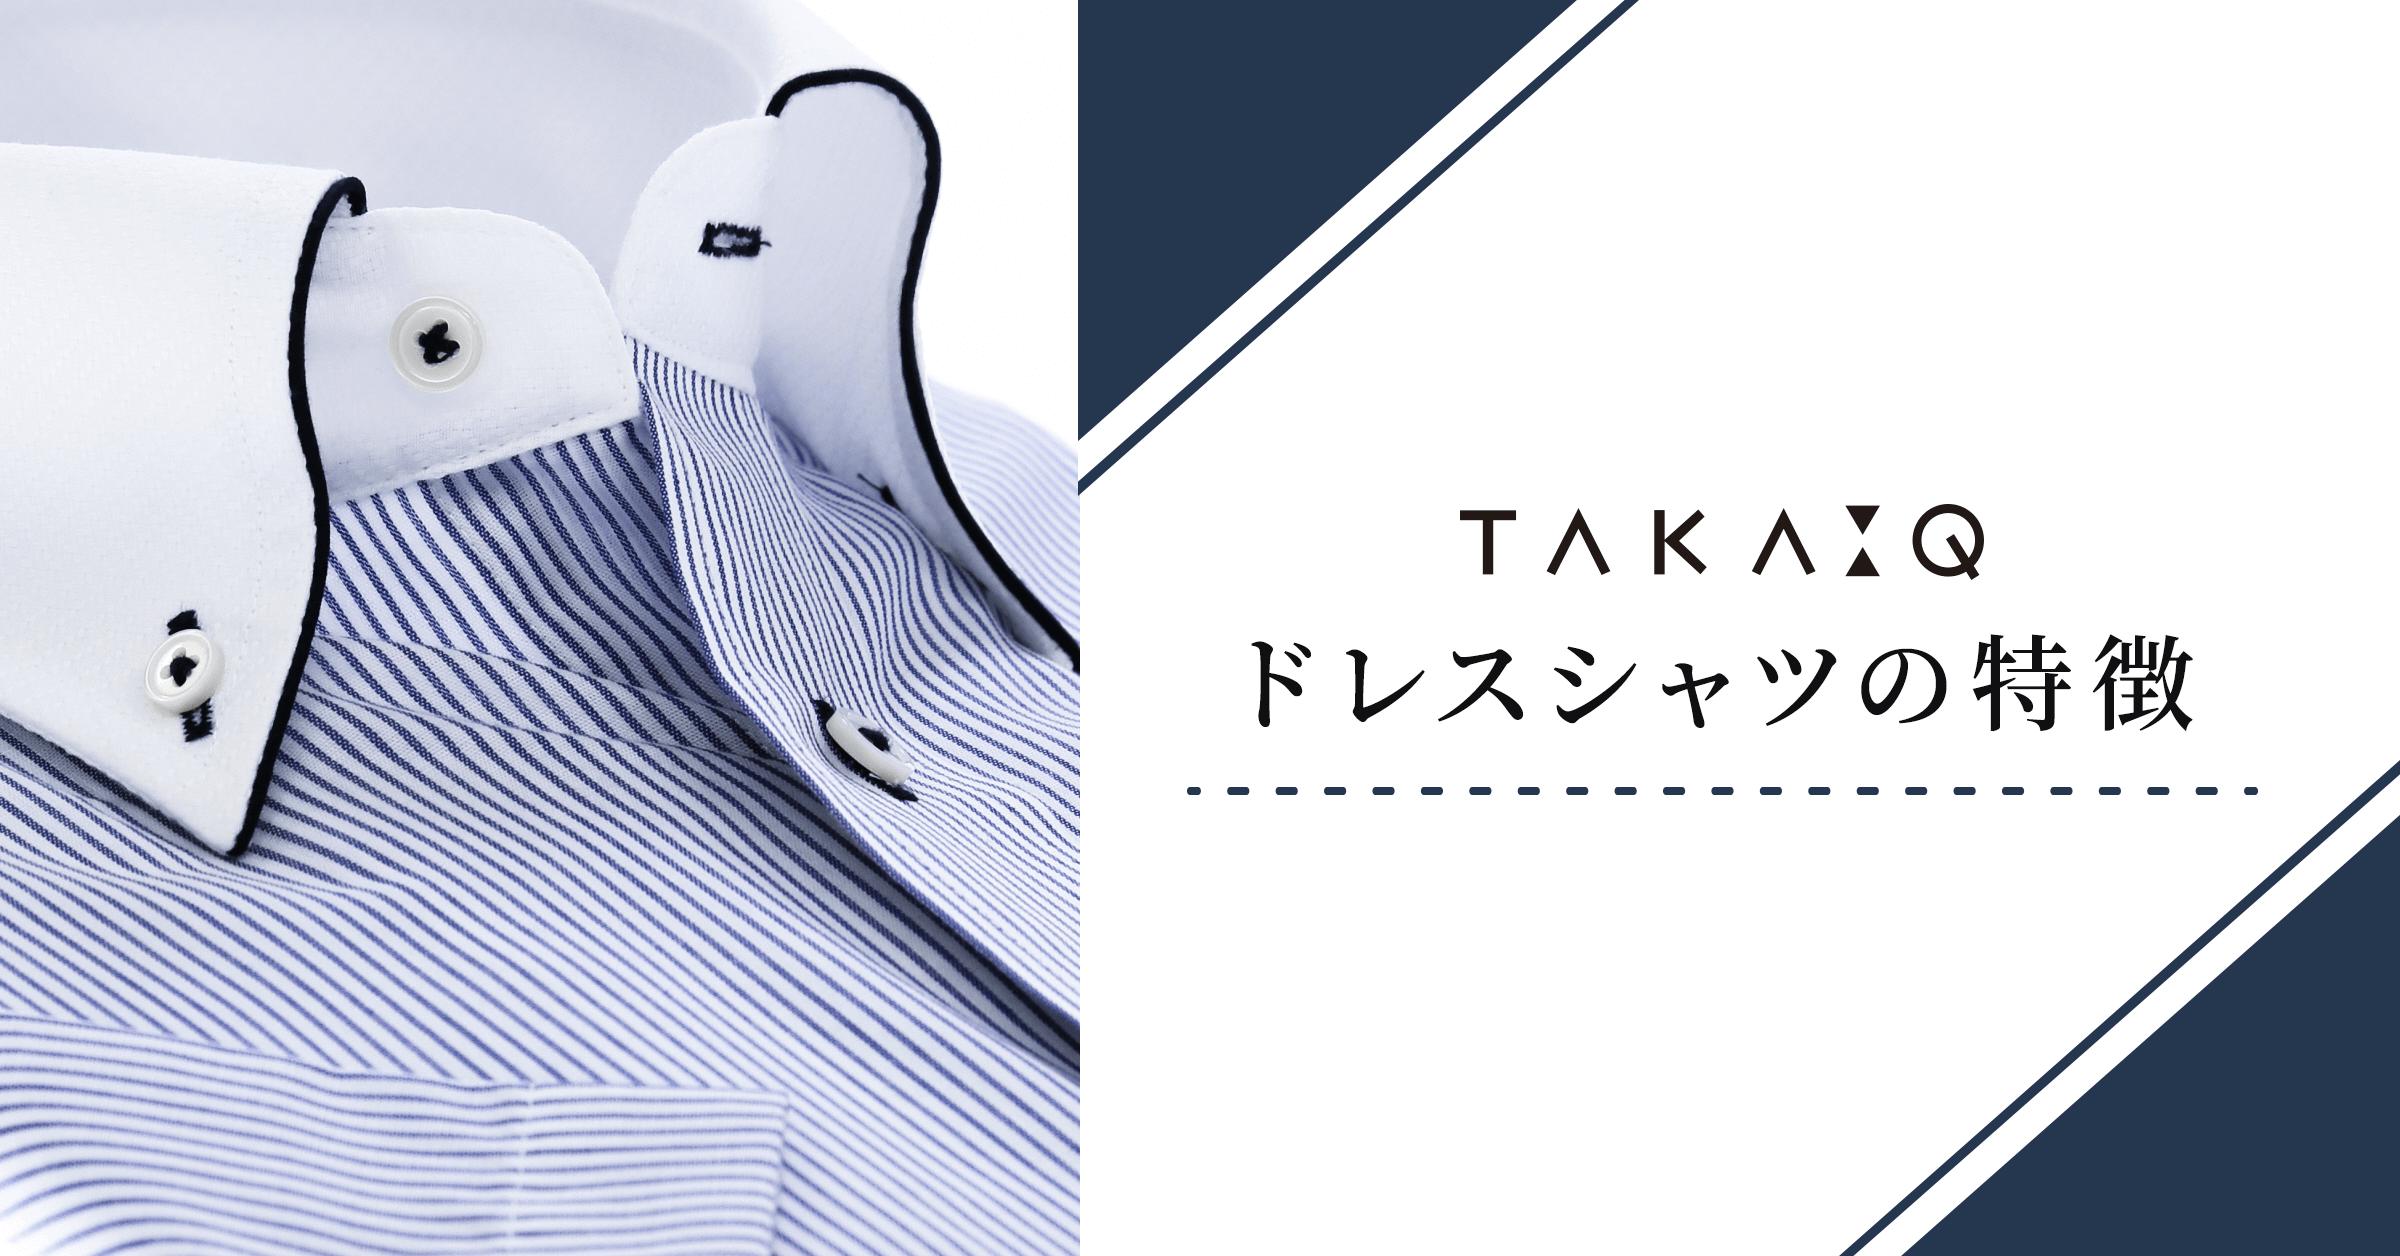 タカキュードレスシャツの特徴